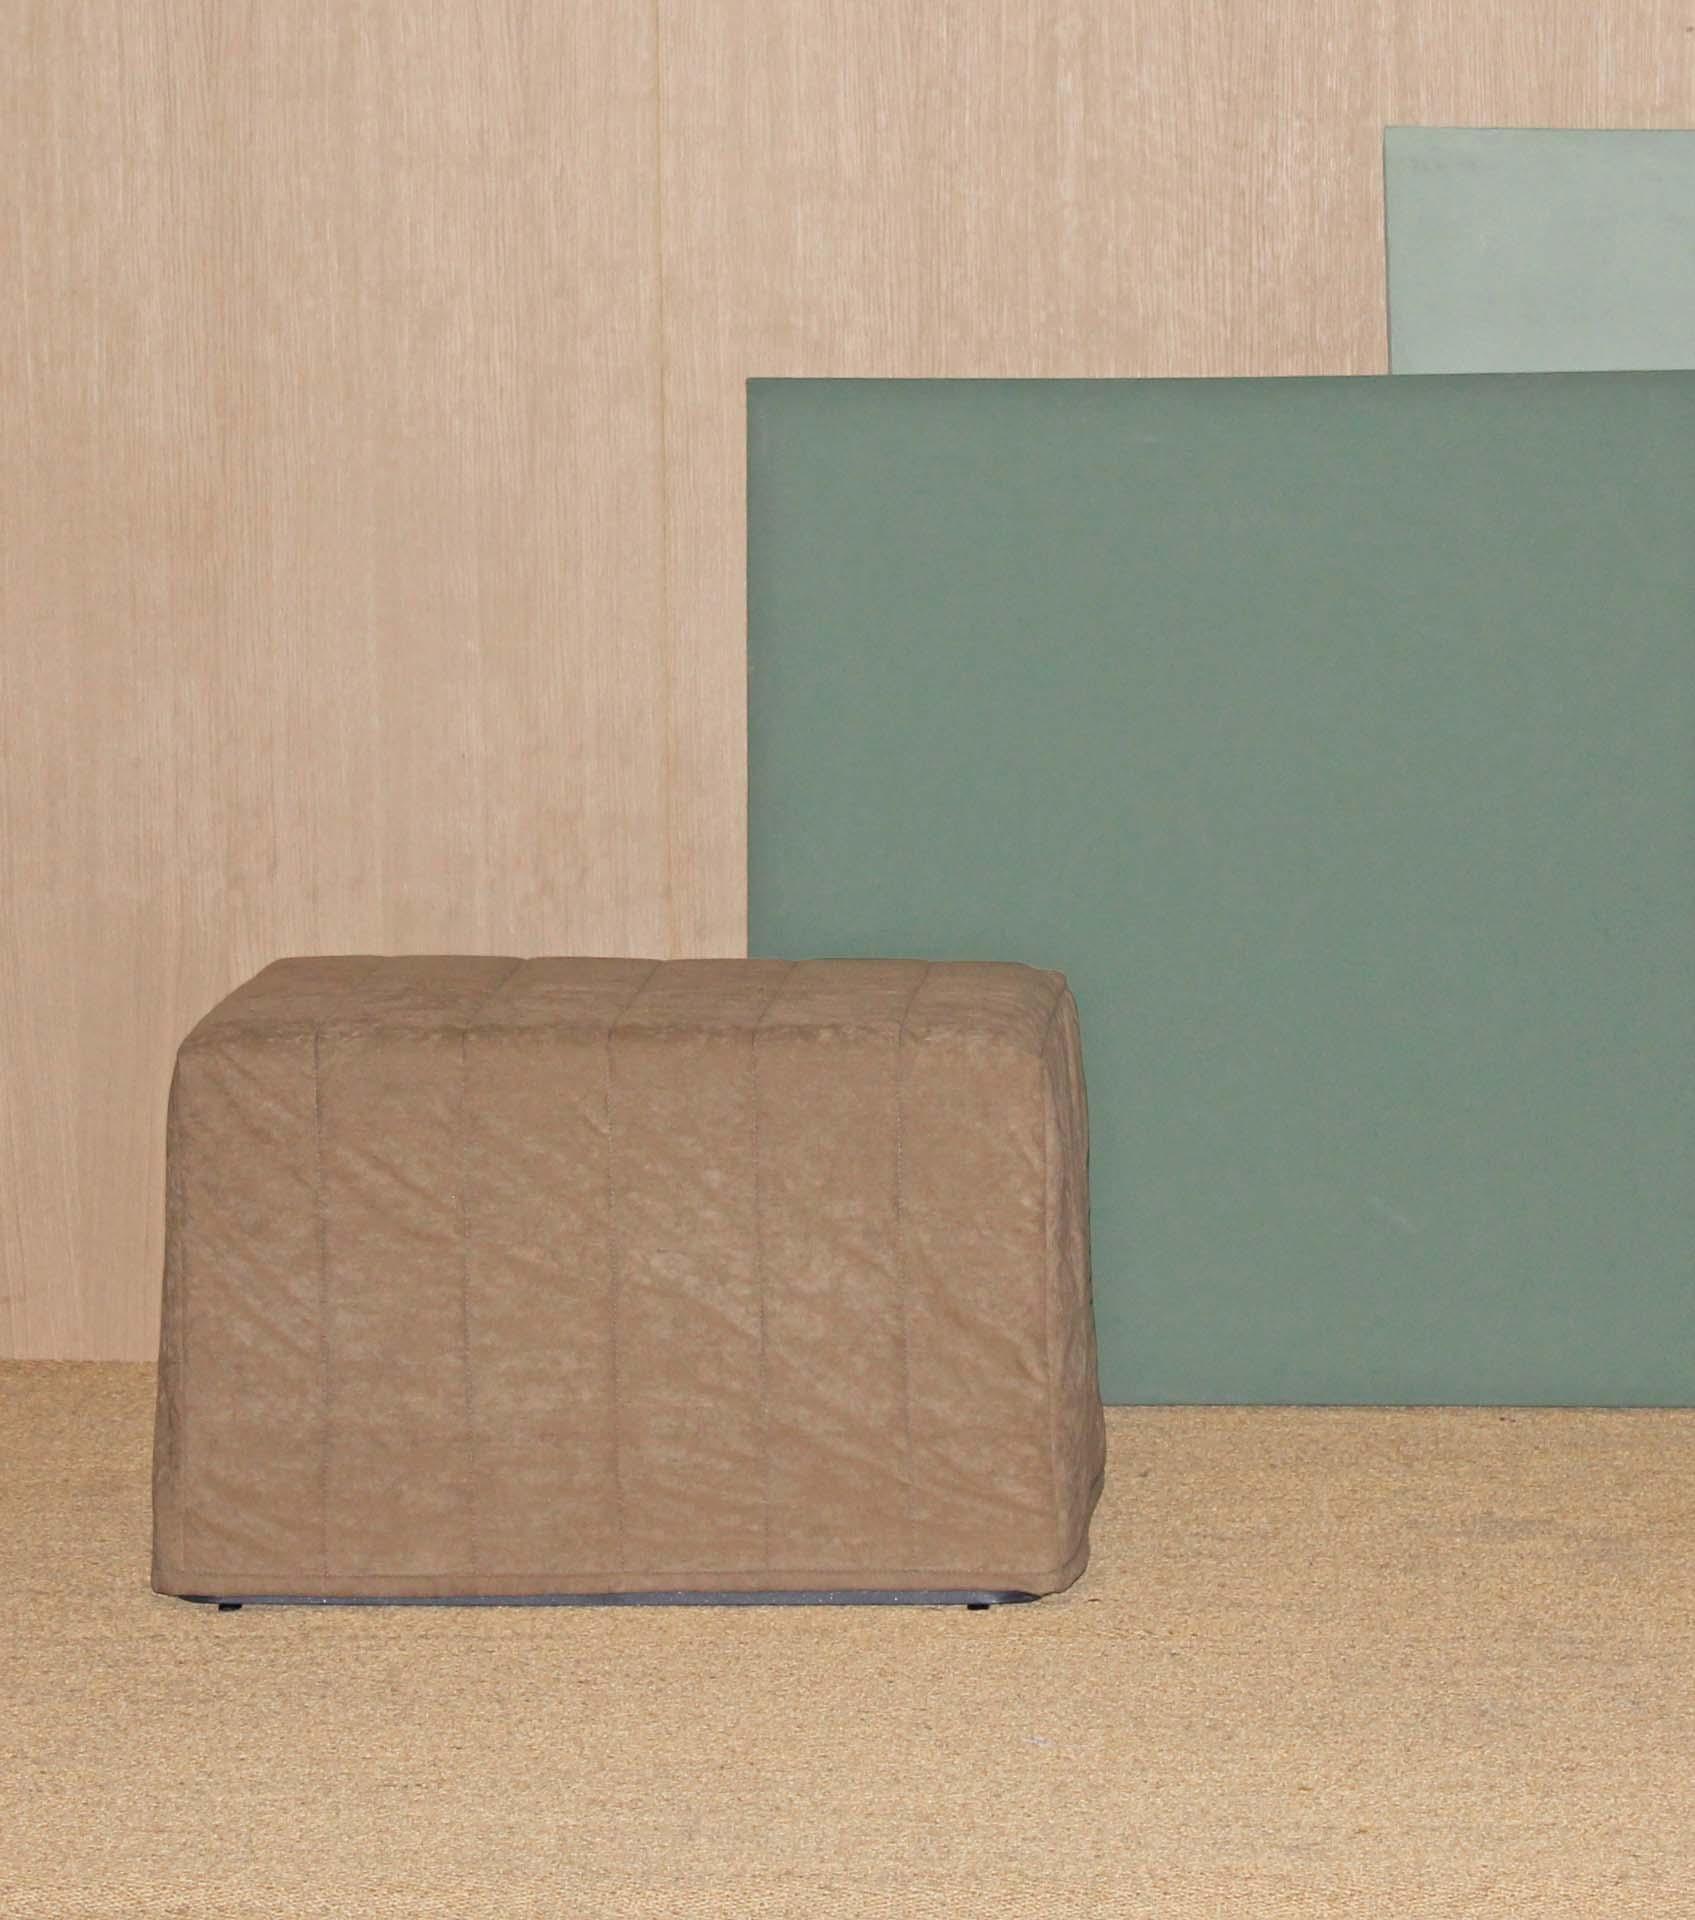 Mobiliario para residencias de estética cuidada y funcional